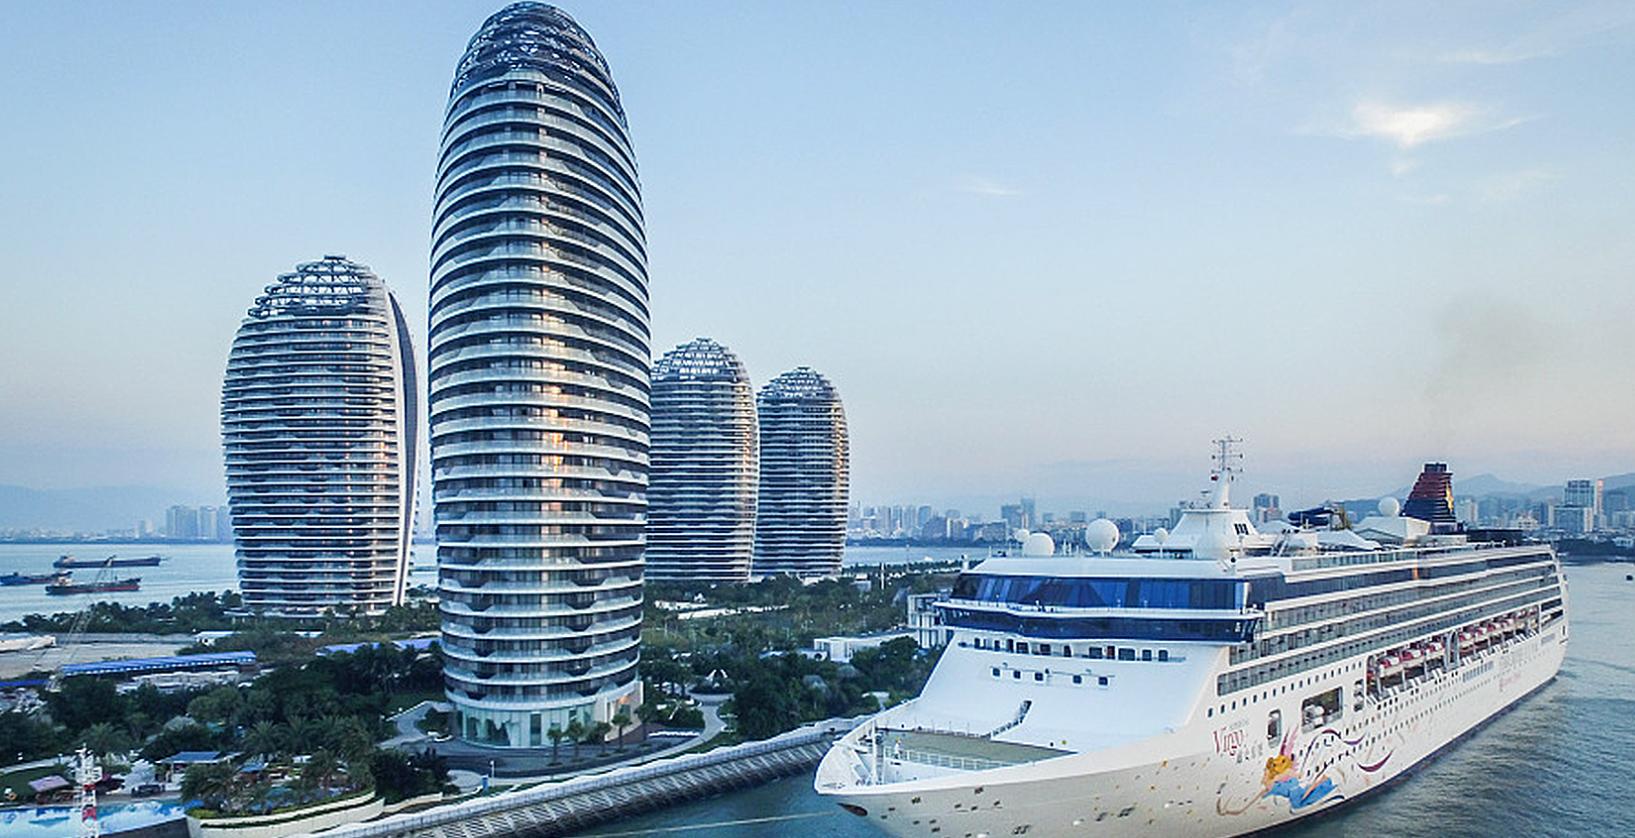 A look at Hainan's free trade zone